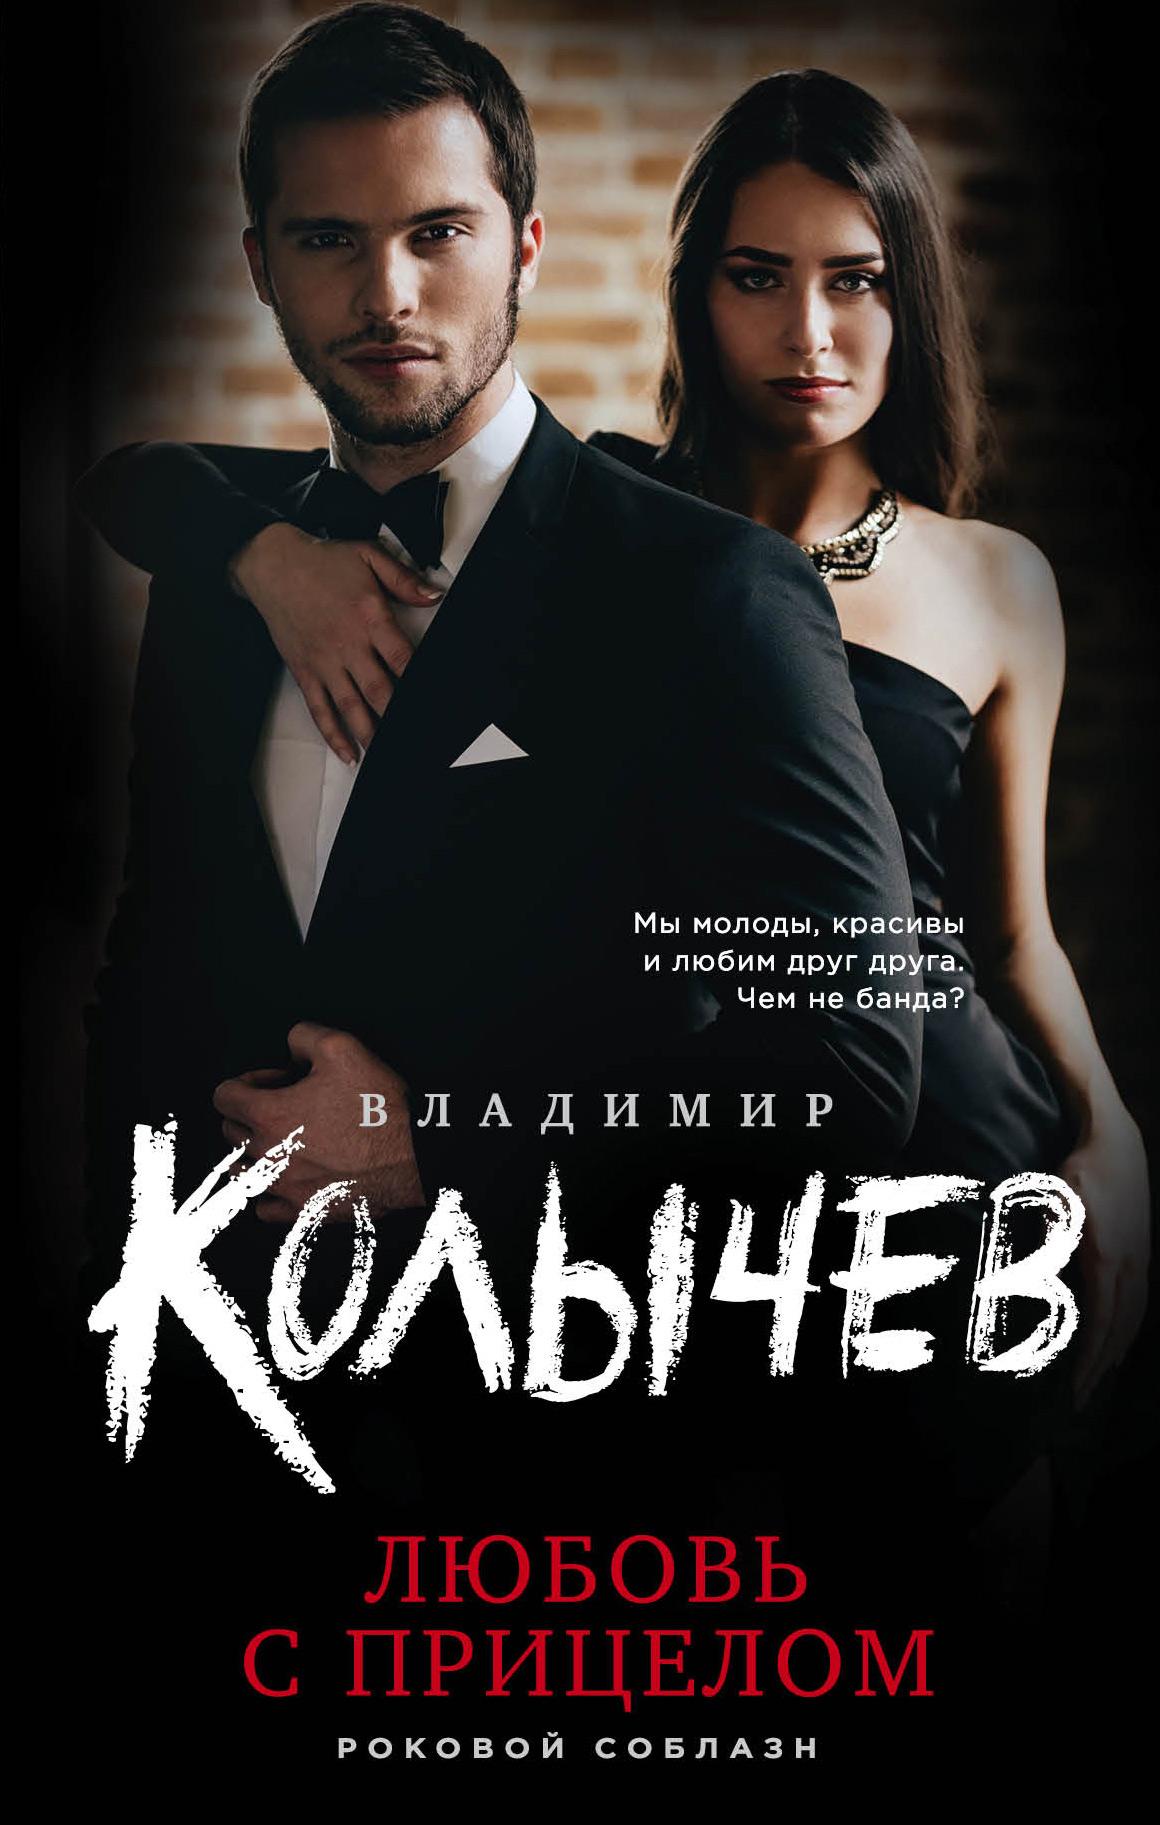 Владимир Колычев Любовь с прицелом тарифный план